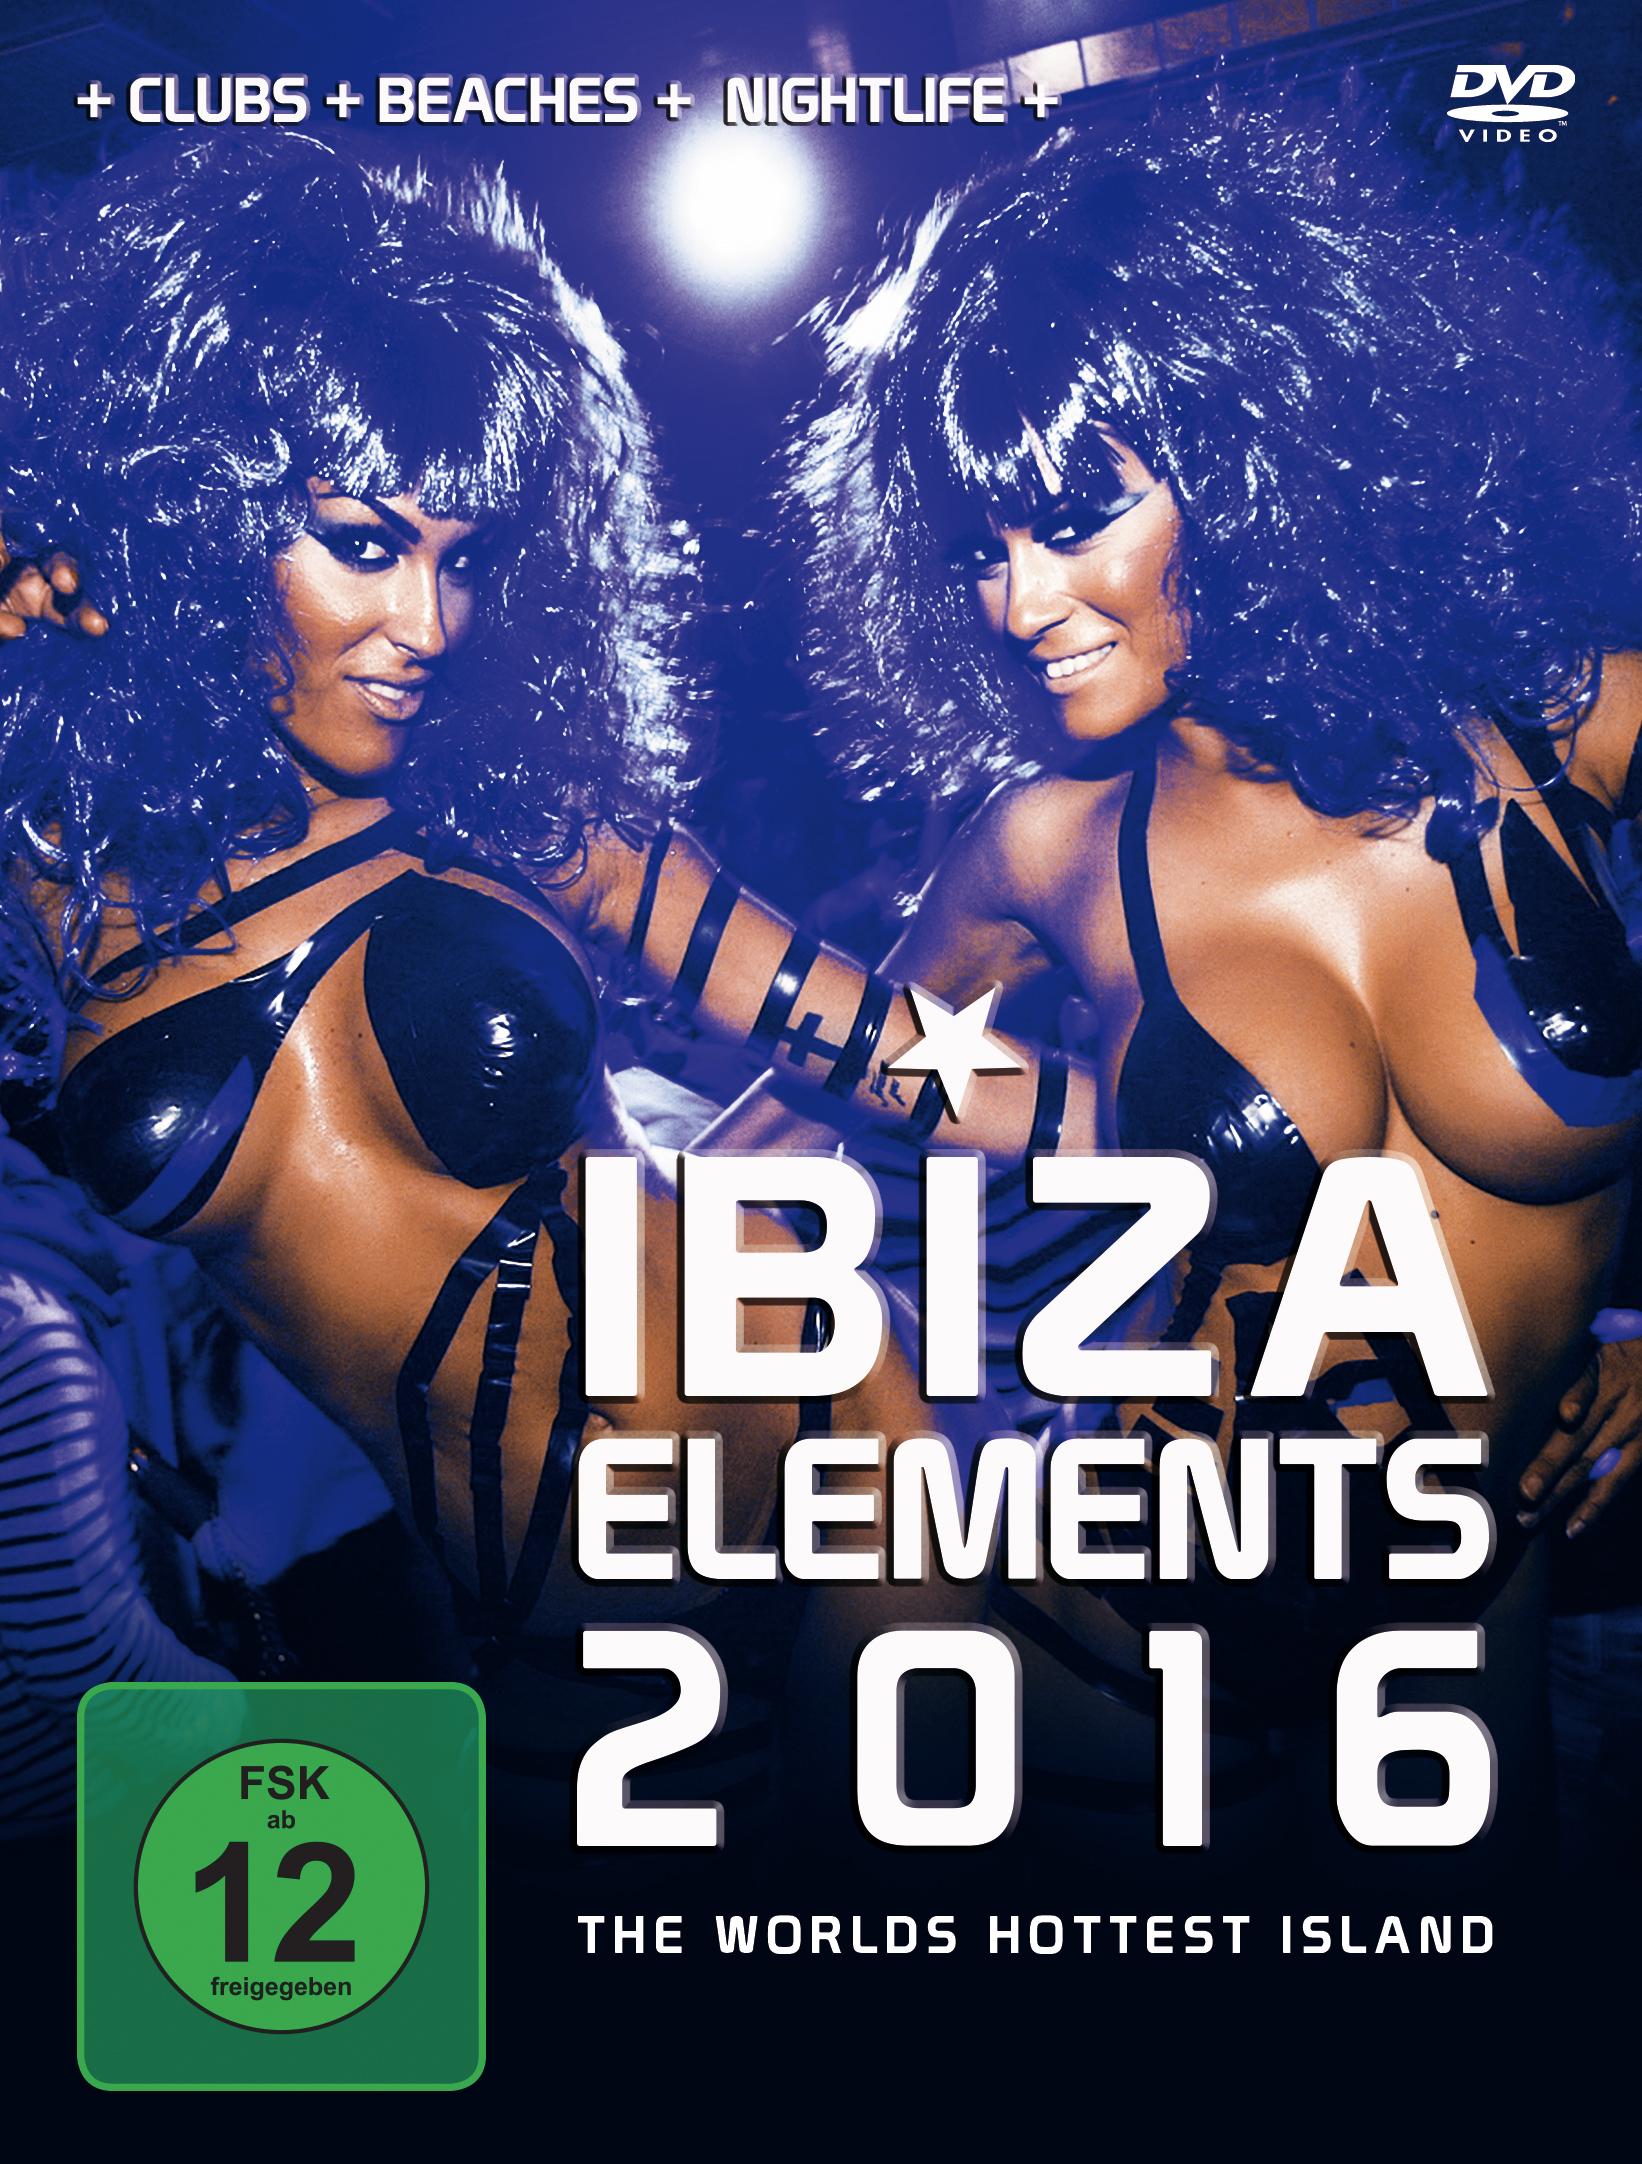 Ibiza Elements 2016: The World's Hottest Island